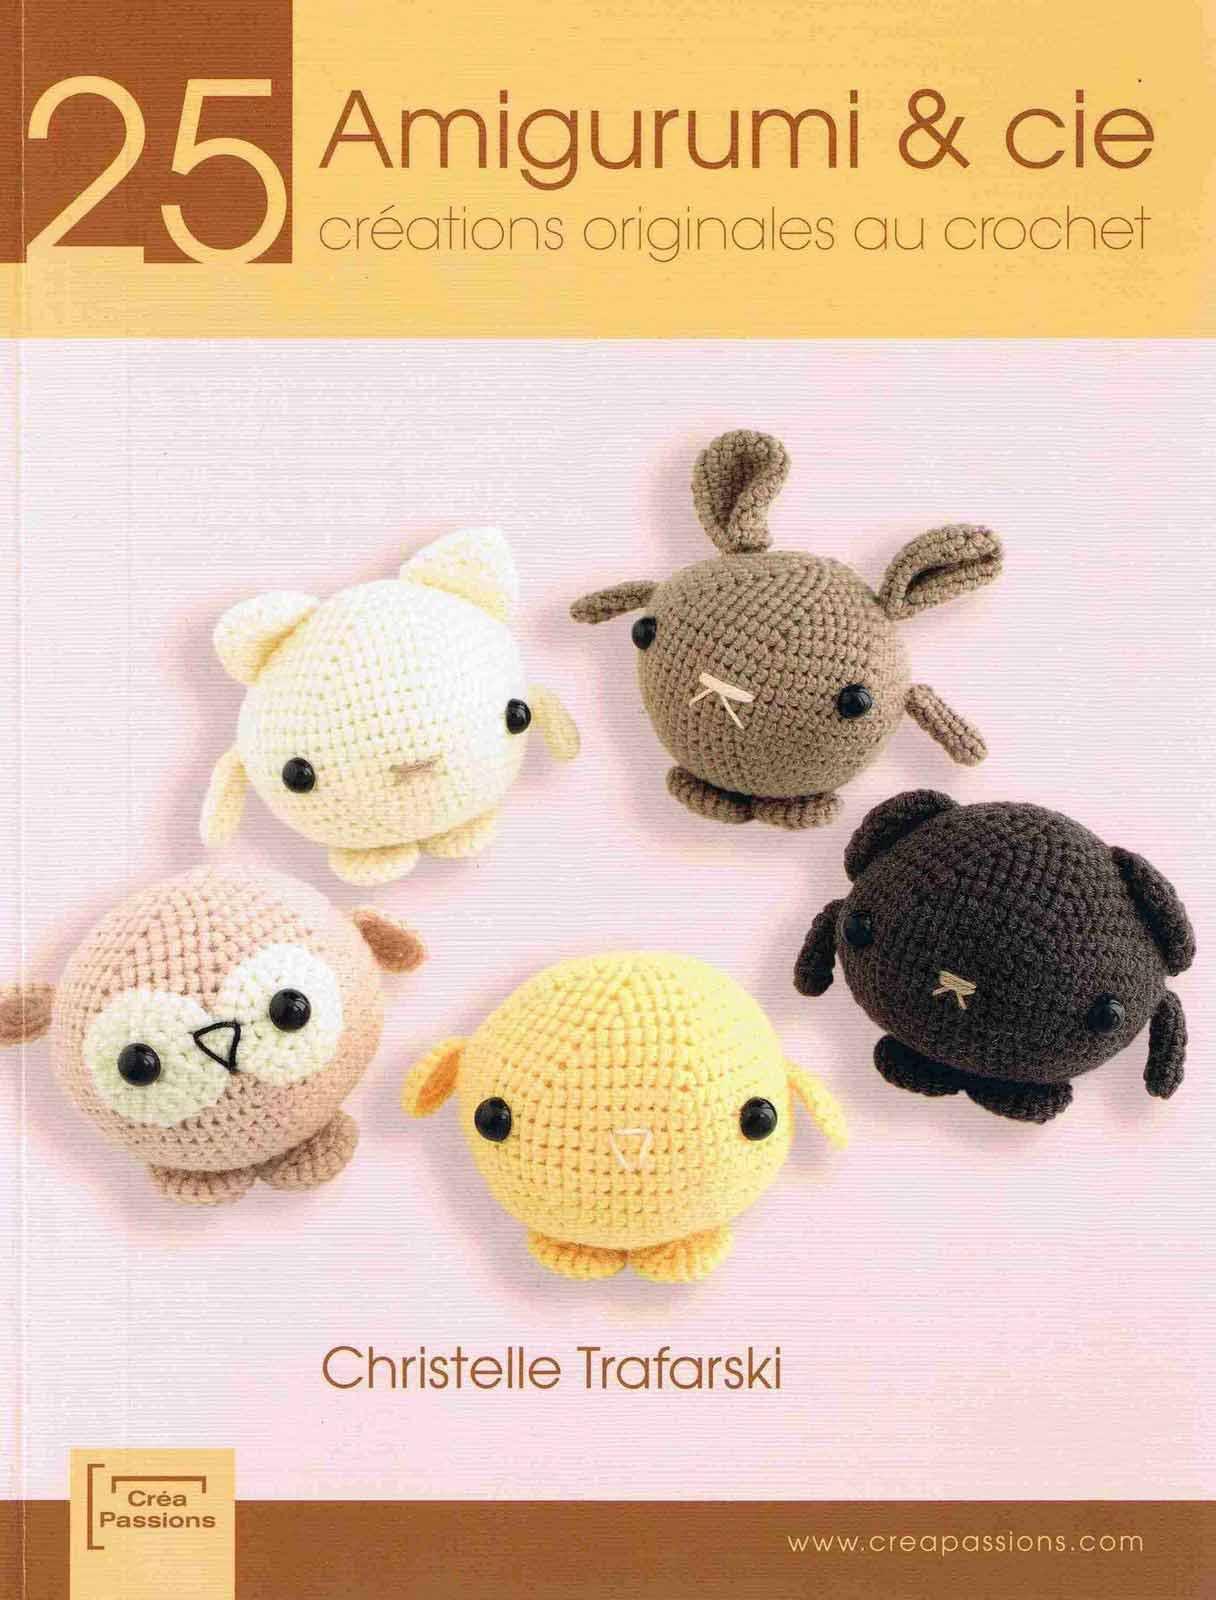 Revistas de crochet: 25 amigurumi & cie